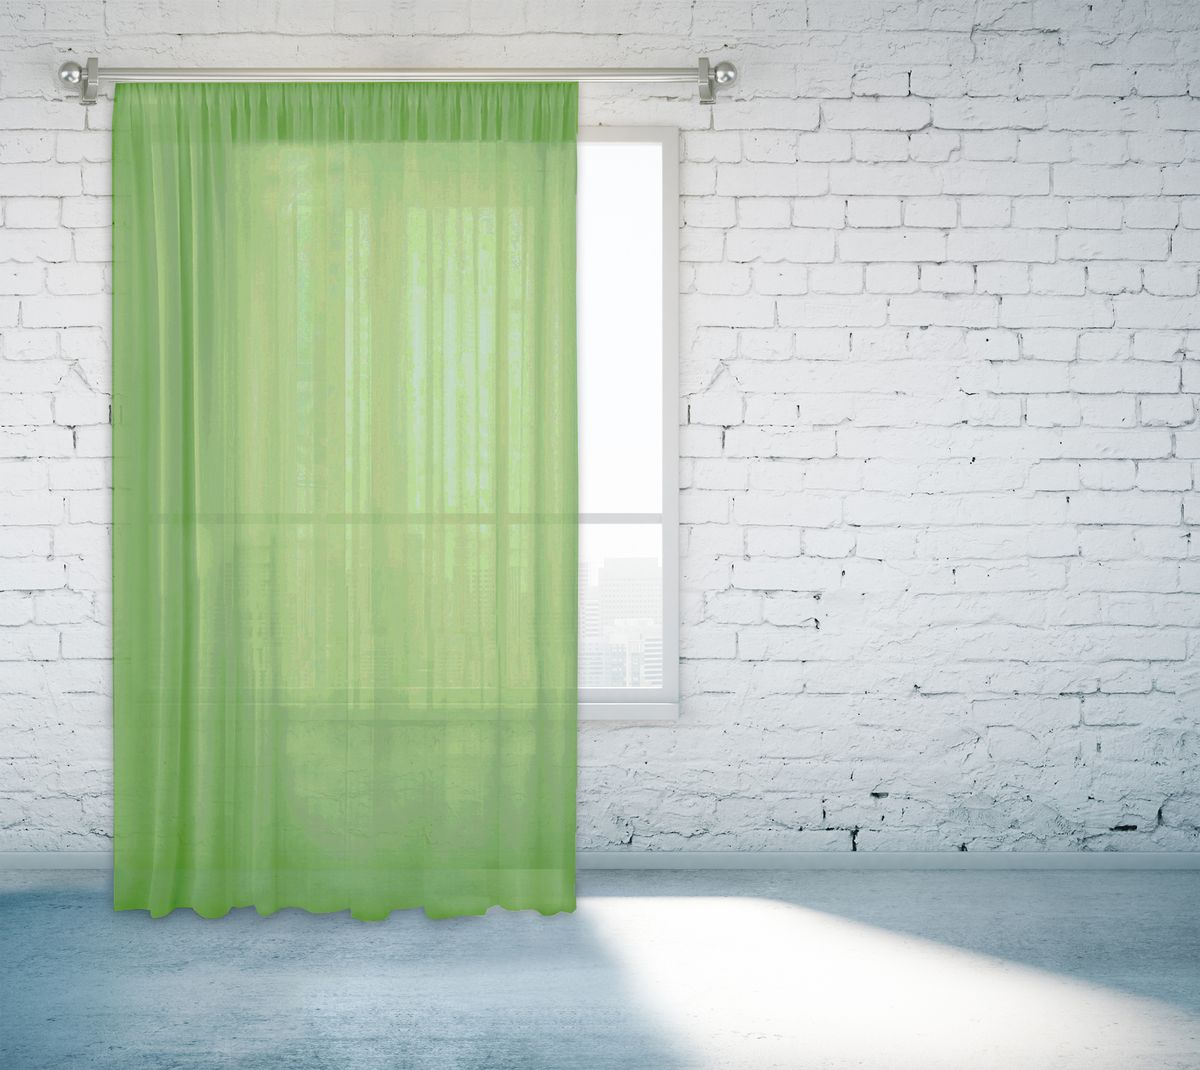 Тюль Zlata Korunka, на ленте, цвет: зеленый, высота 260 см. 55670-1255670-12Тюль Zlata Korunka изготовлен из 100% полиэстера и великолепно украсит любое окно. Воздушная ткань и приятная, приглушенная гаммапривлекут к себе внимание иорганично впишутся в интерьер помещения.Полиэстер - вид ткани, состоящий из полиэфирных волокон. Ткани из полиэстера -легкие, прочные и износостойкие. Такие изделия не требуют специального ухода, непылятся и почти не мнутся. Крепление к карнизу осуществляется с использованием тесьмы.Такой тюль идеально оформит интерьер любого помещения.